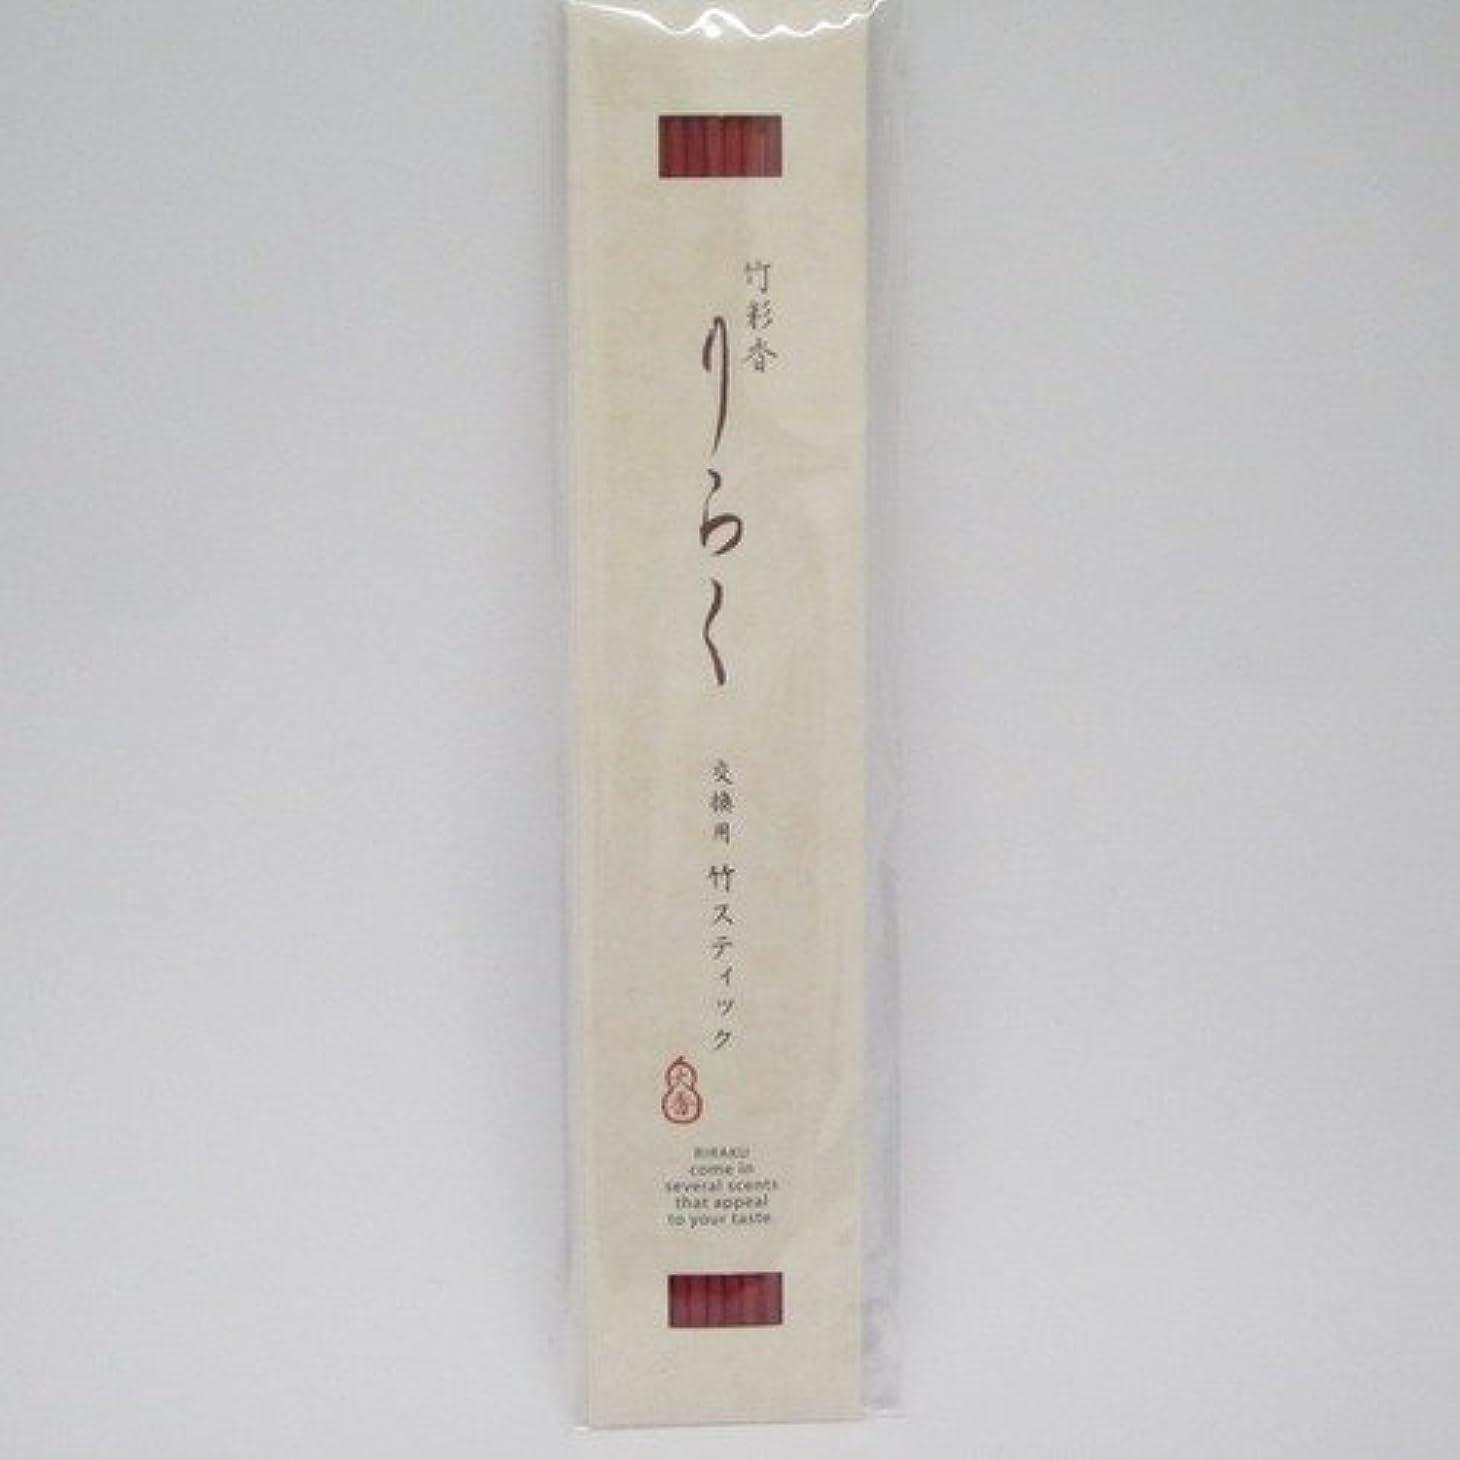 健康的ワゴン鋼りらく 竹彩香りらく竹スティック ばらの色